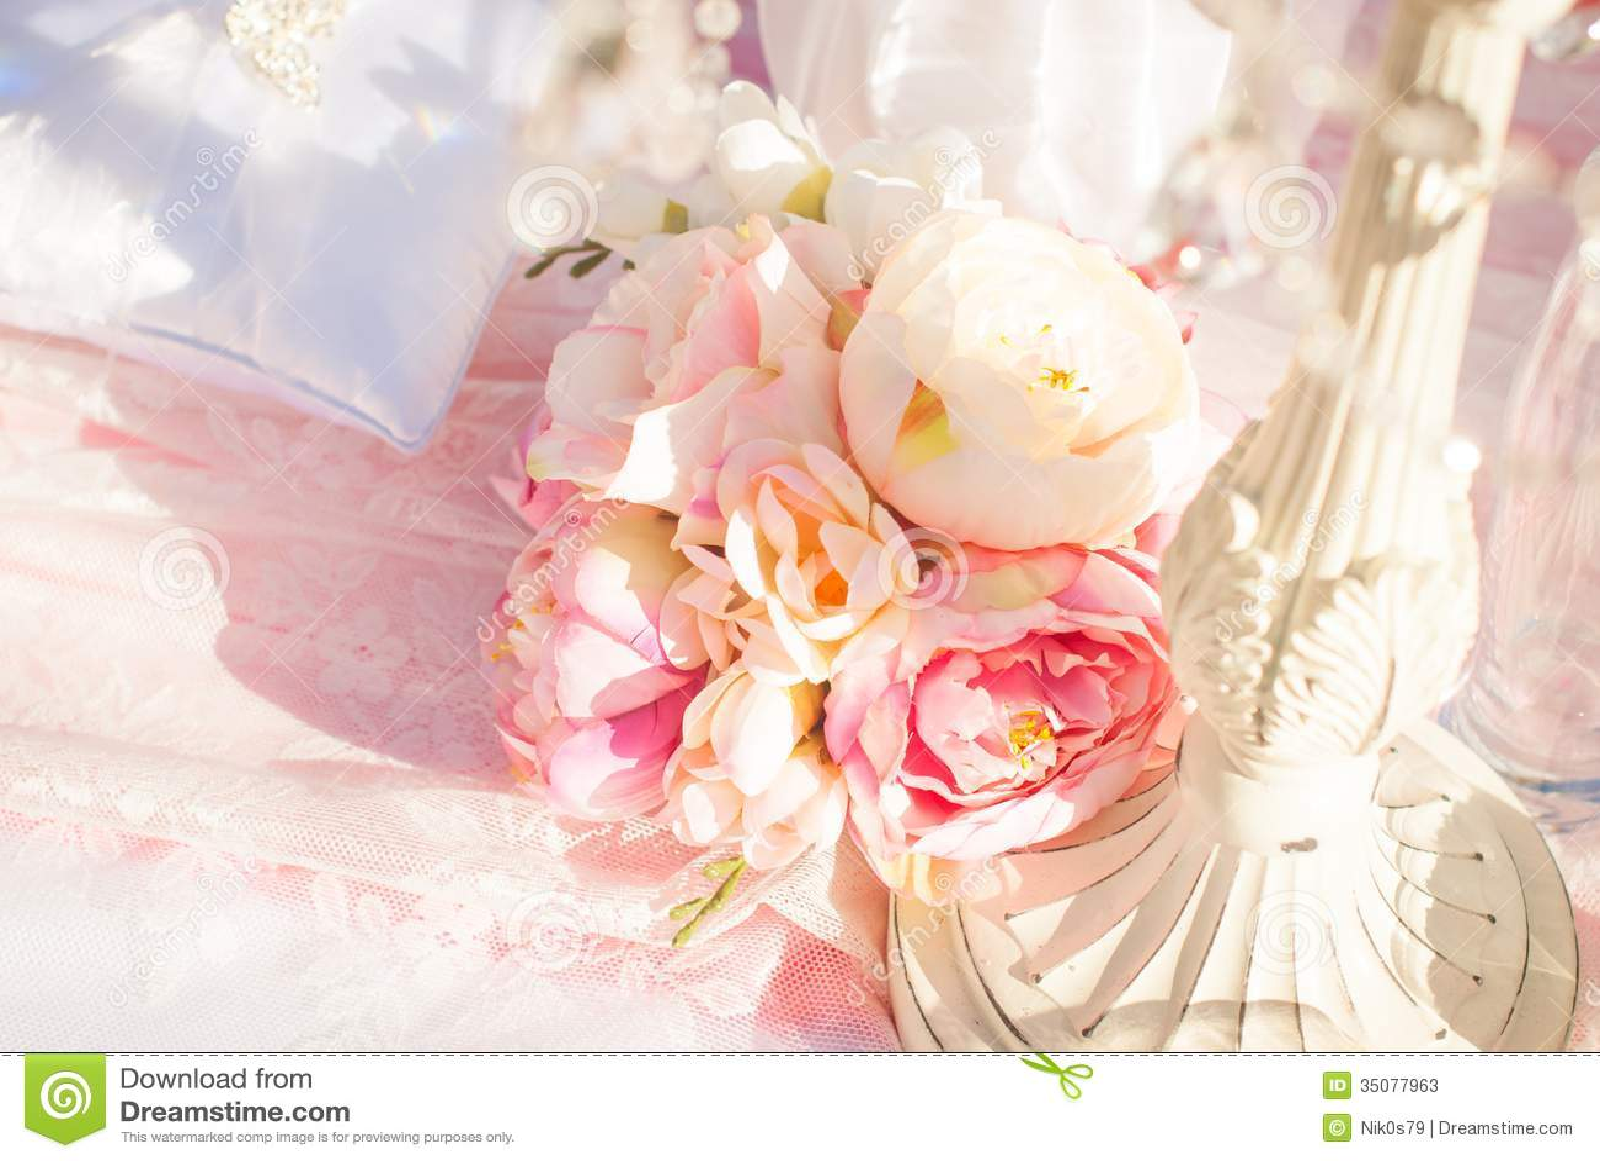 Bright Luxury Wedding Flowers Background Stock Image - Image of ...